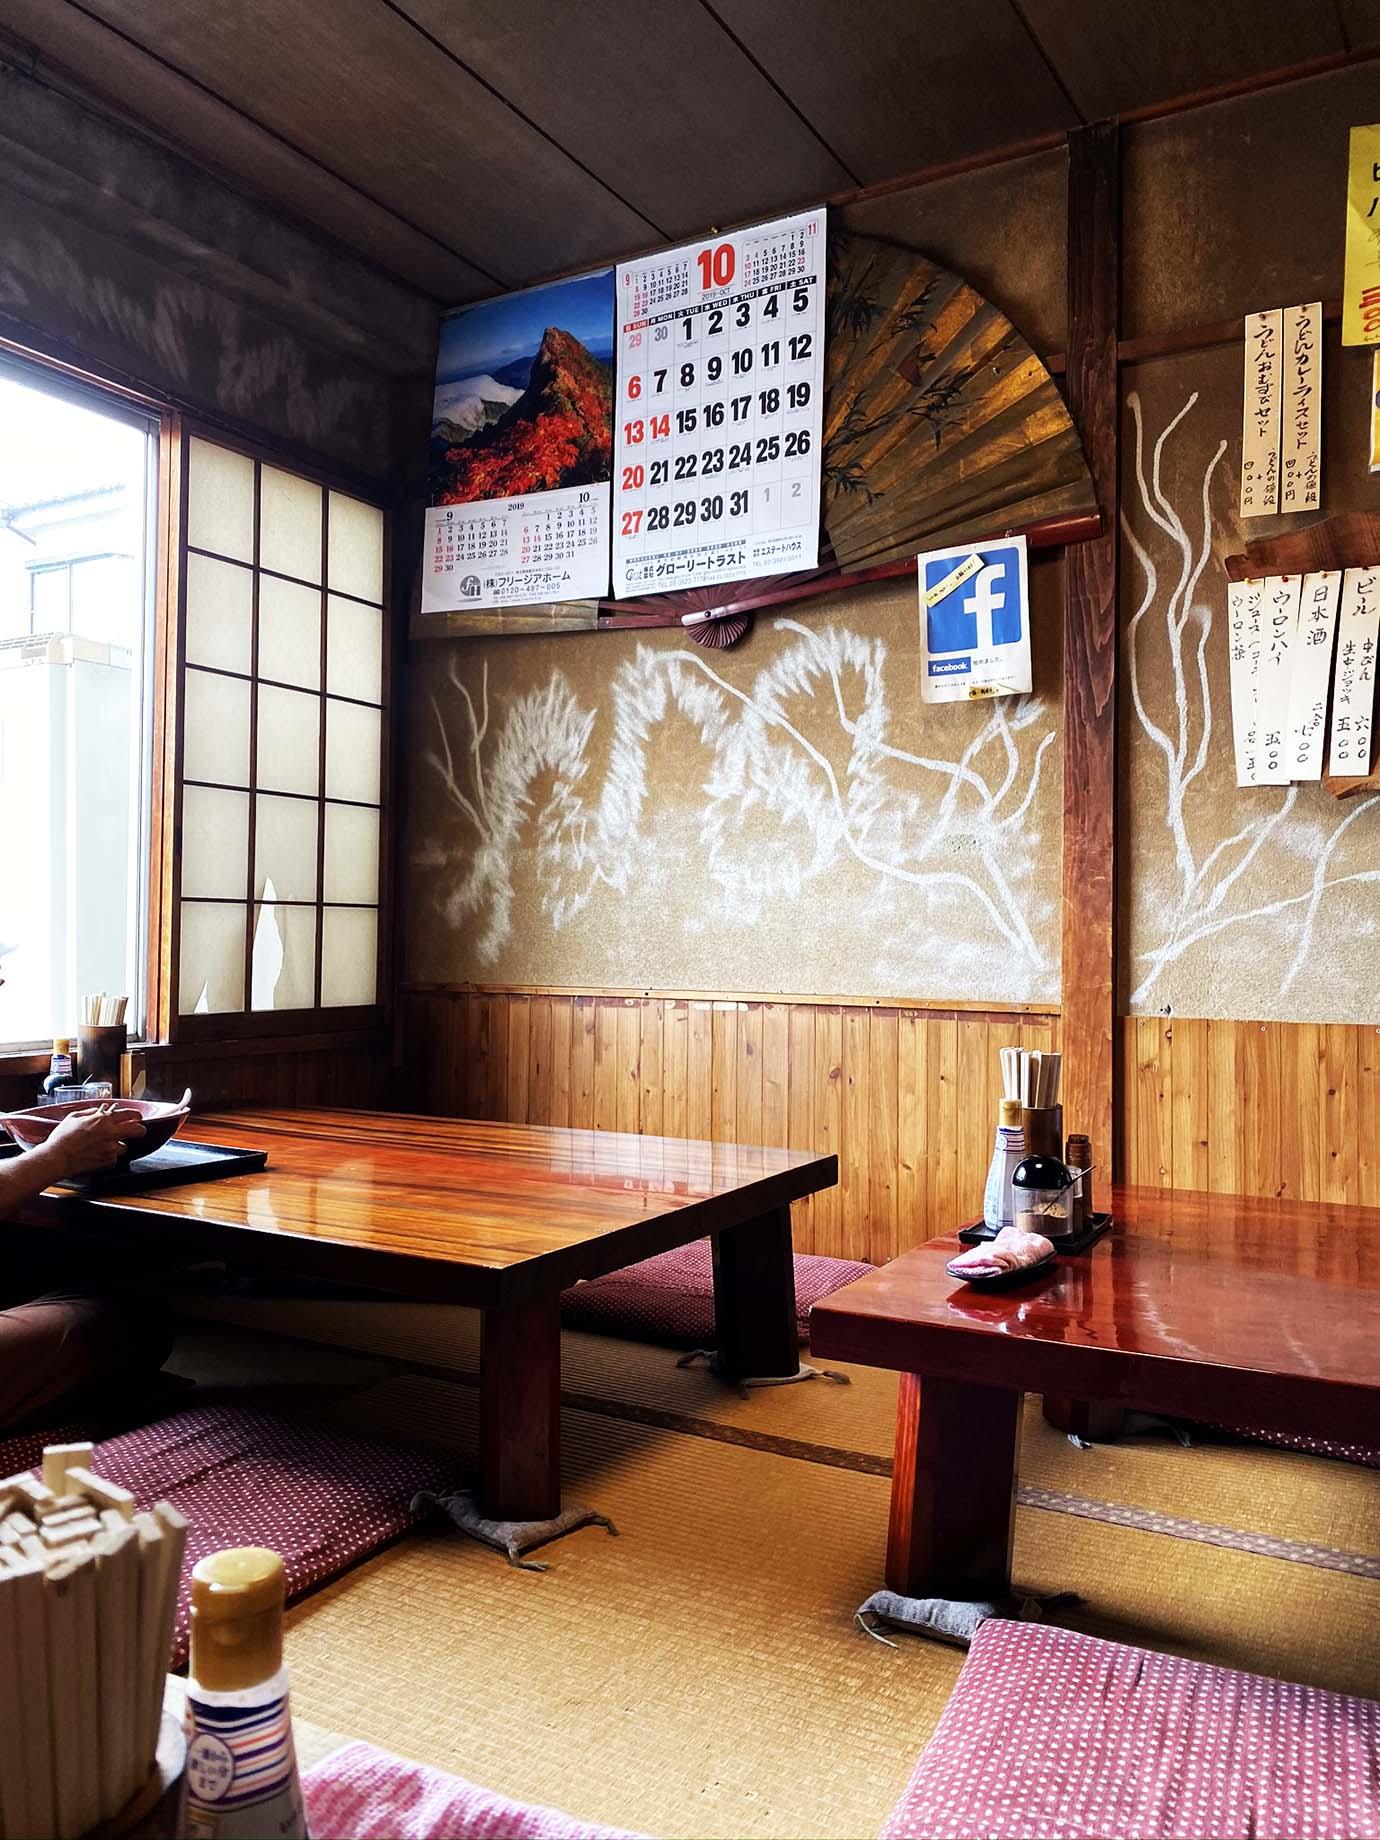 kodoku-no-gurume-udon